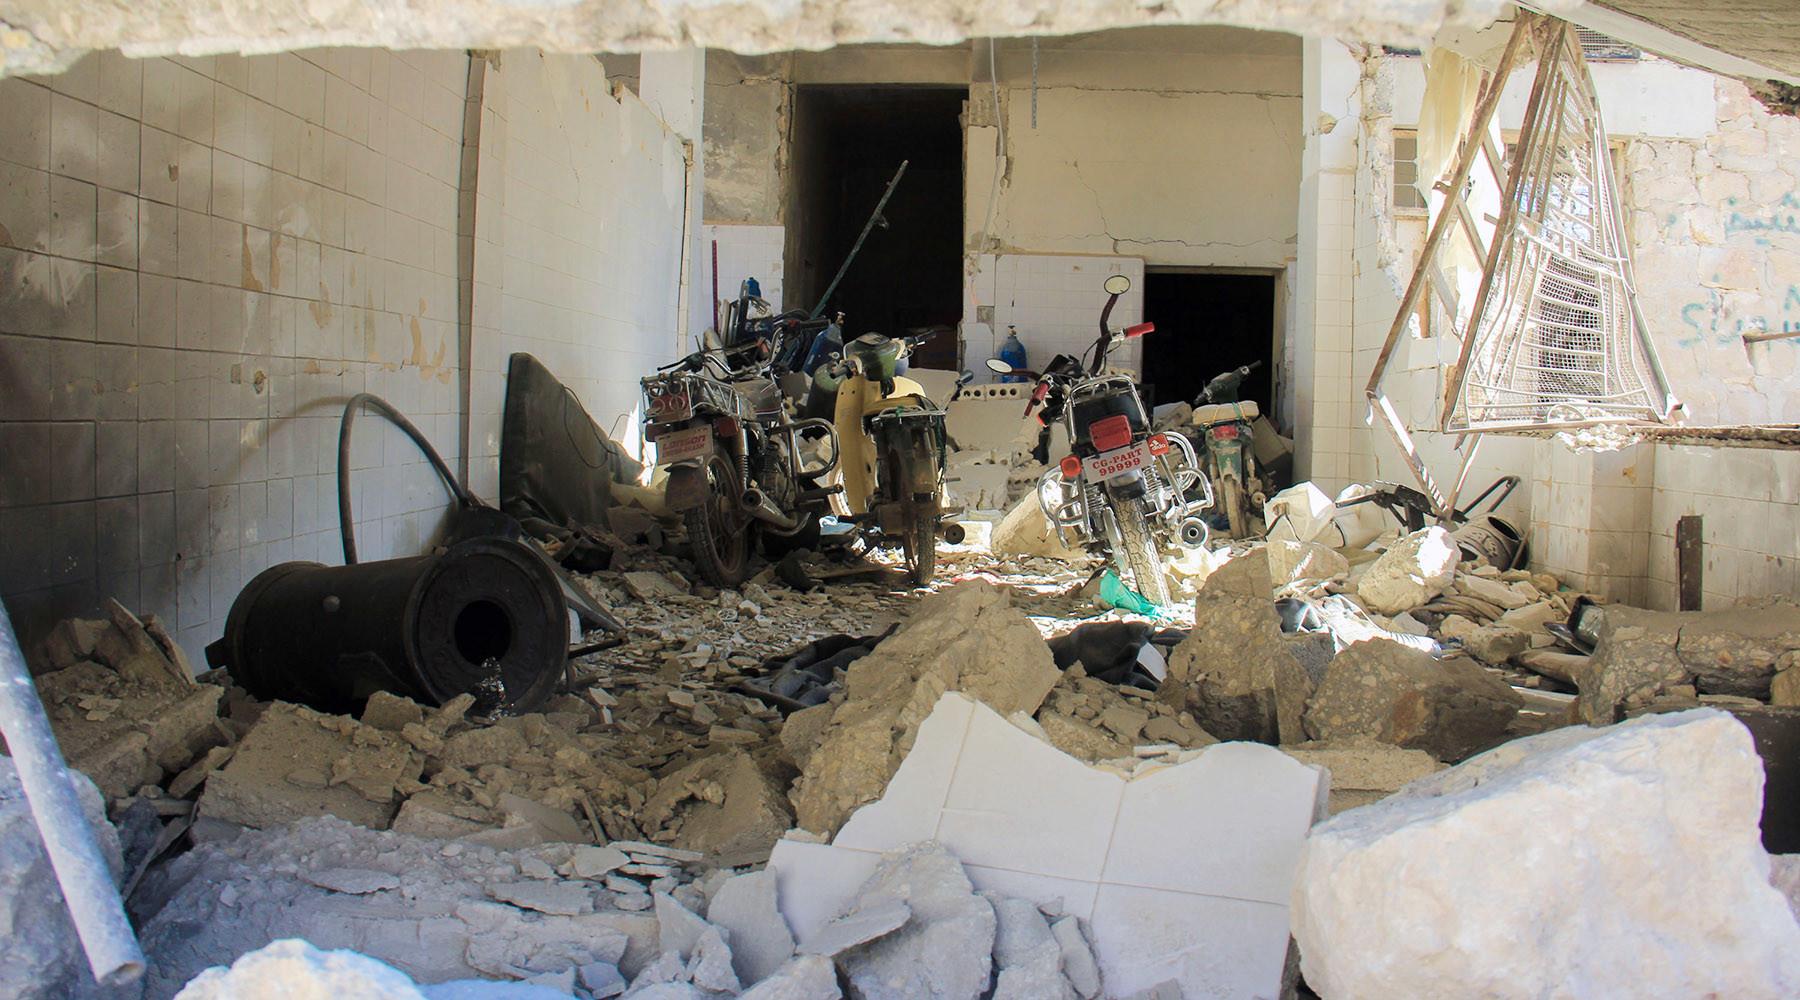 Захарова сообщила о начале медийной кампании перед инсценировкой применения химоружия в Сирии